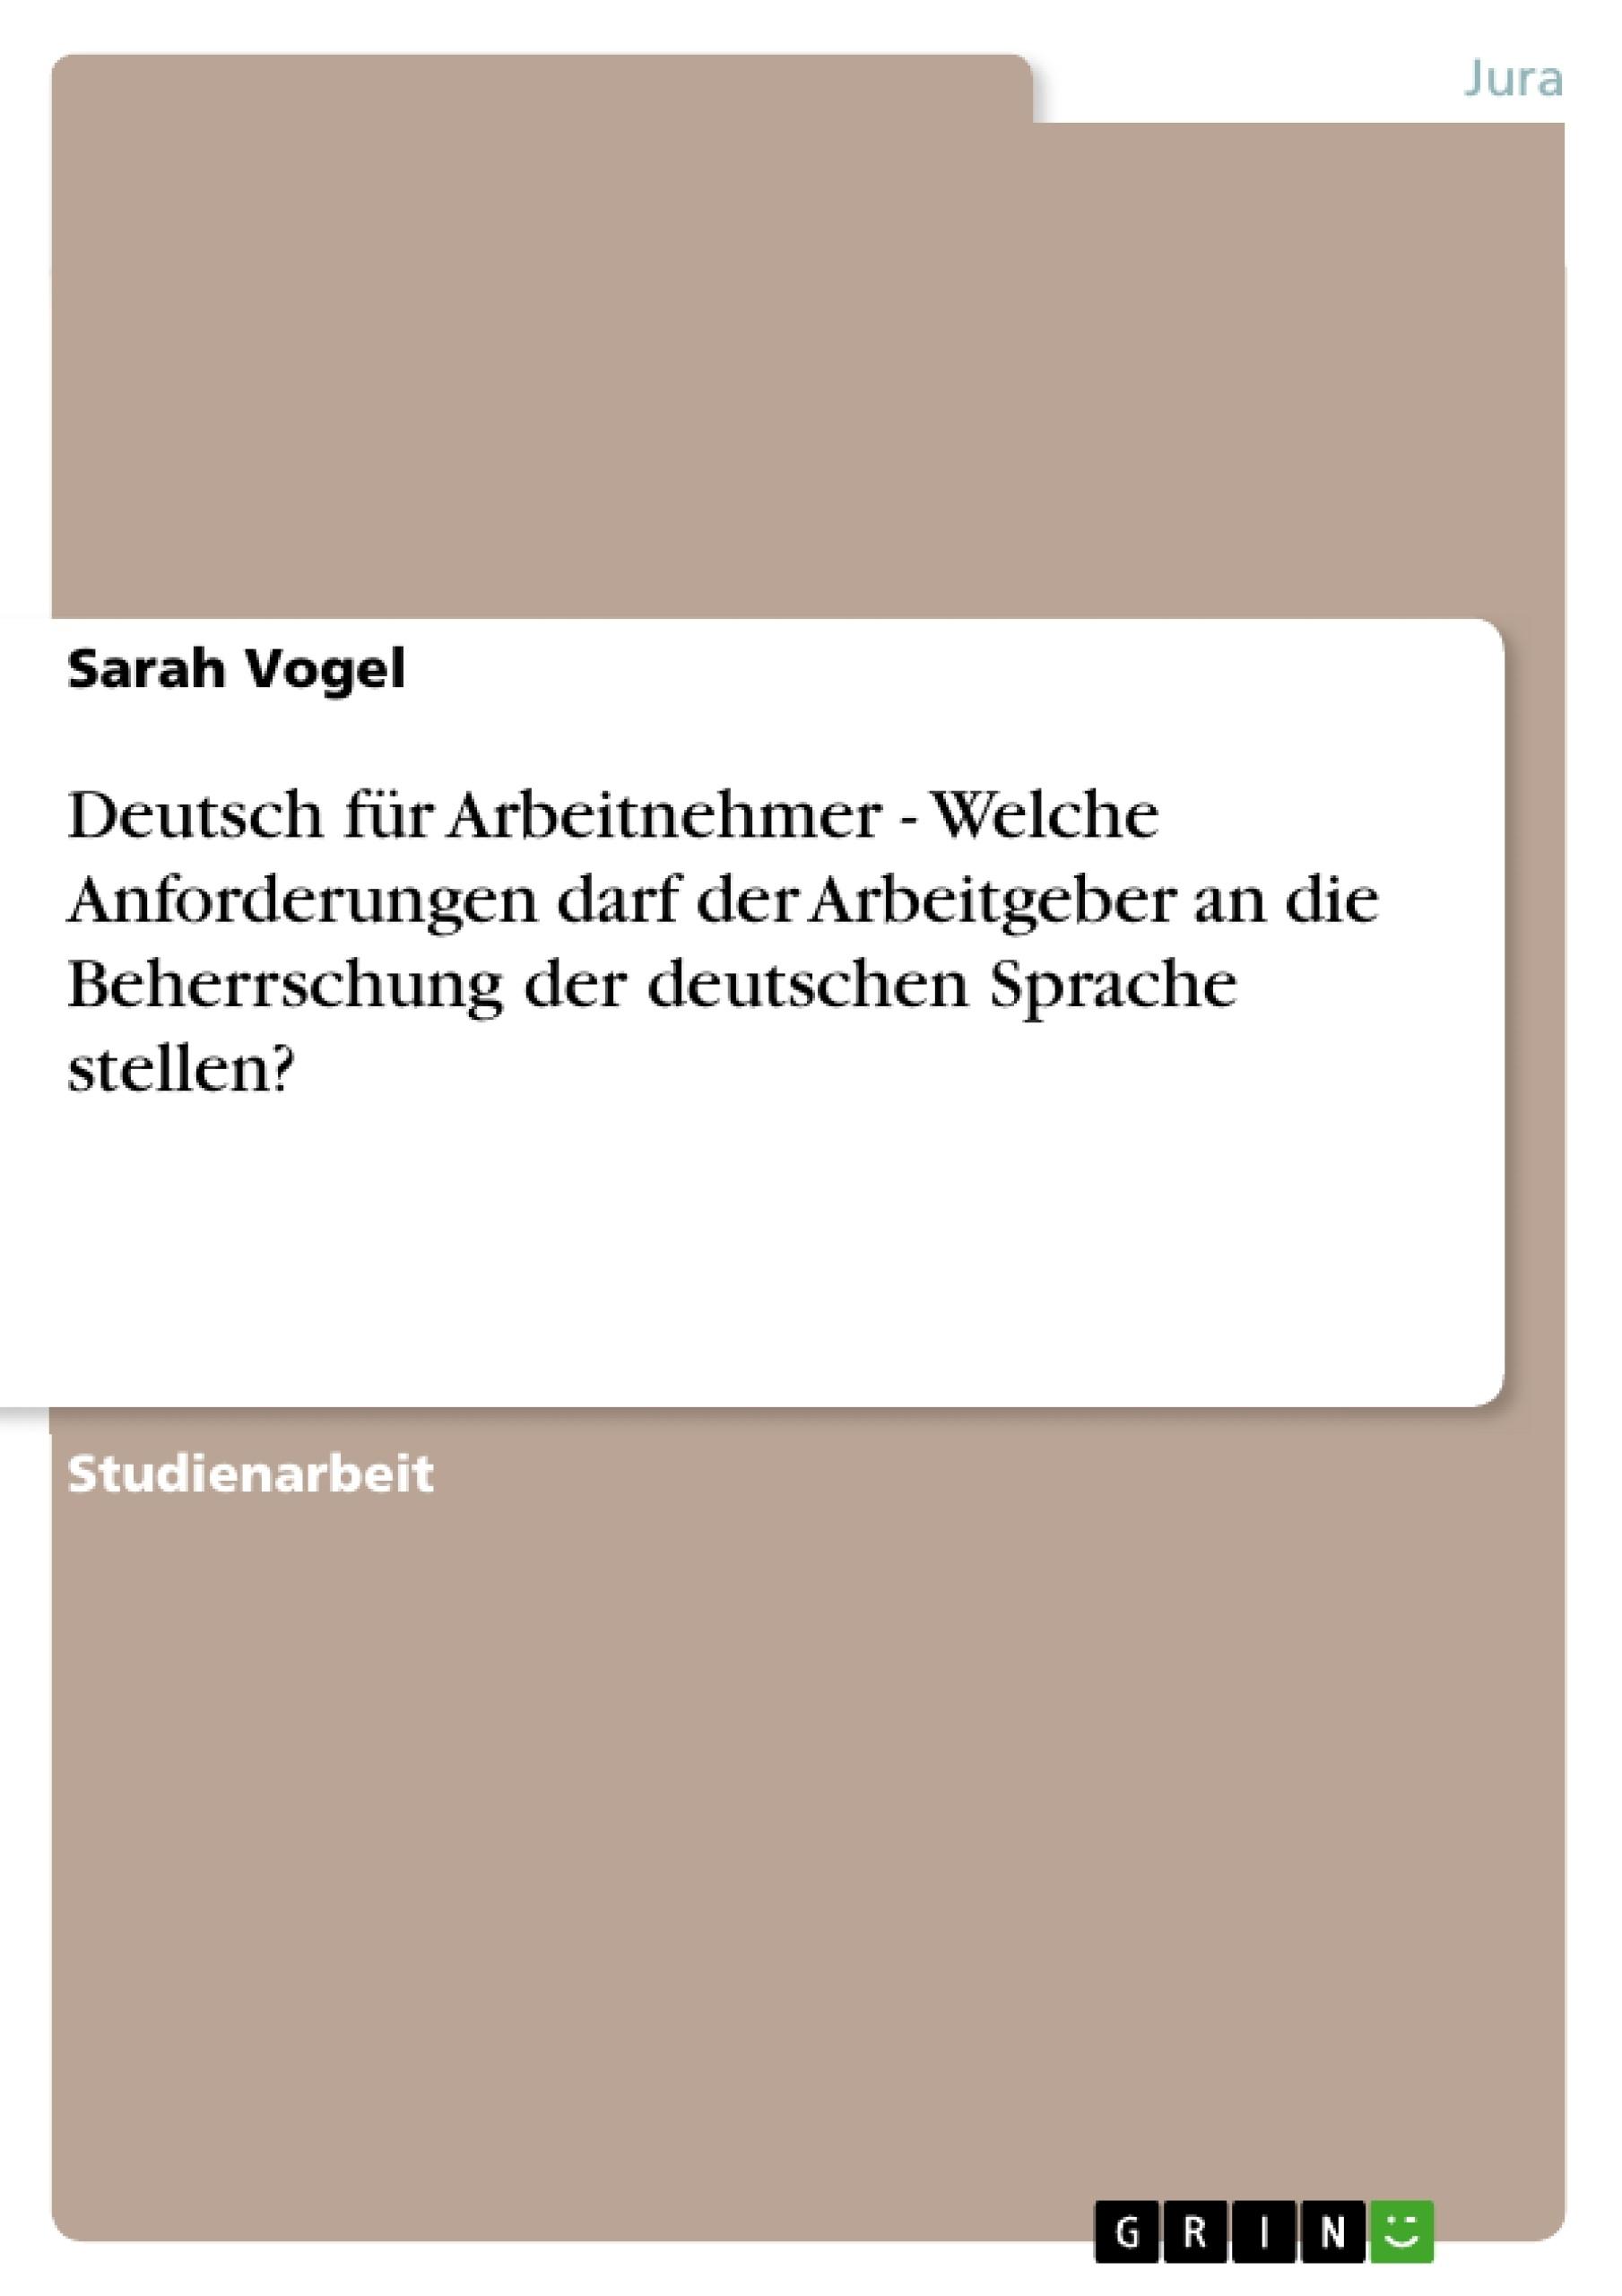 Titel: Deutsch für Arbeitnehmer - Welche Anforderungen darf der Arbeitgeber an die Beherrschung der deutschen Sprache stellen?